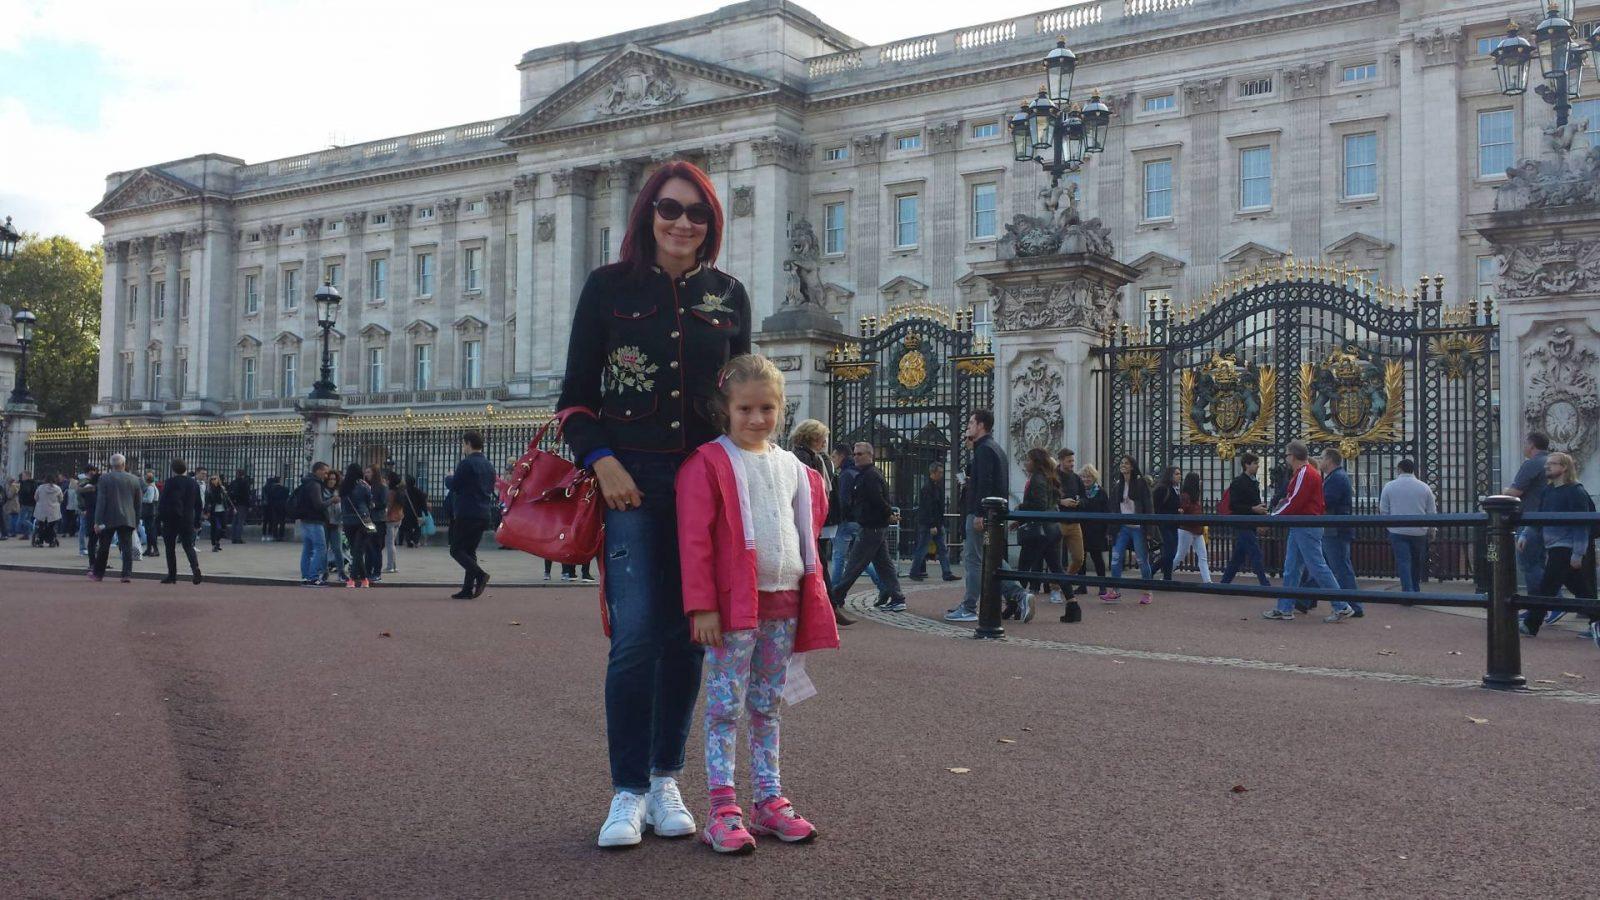 Weekend in London Buckingham Palace